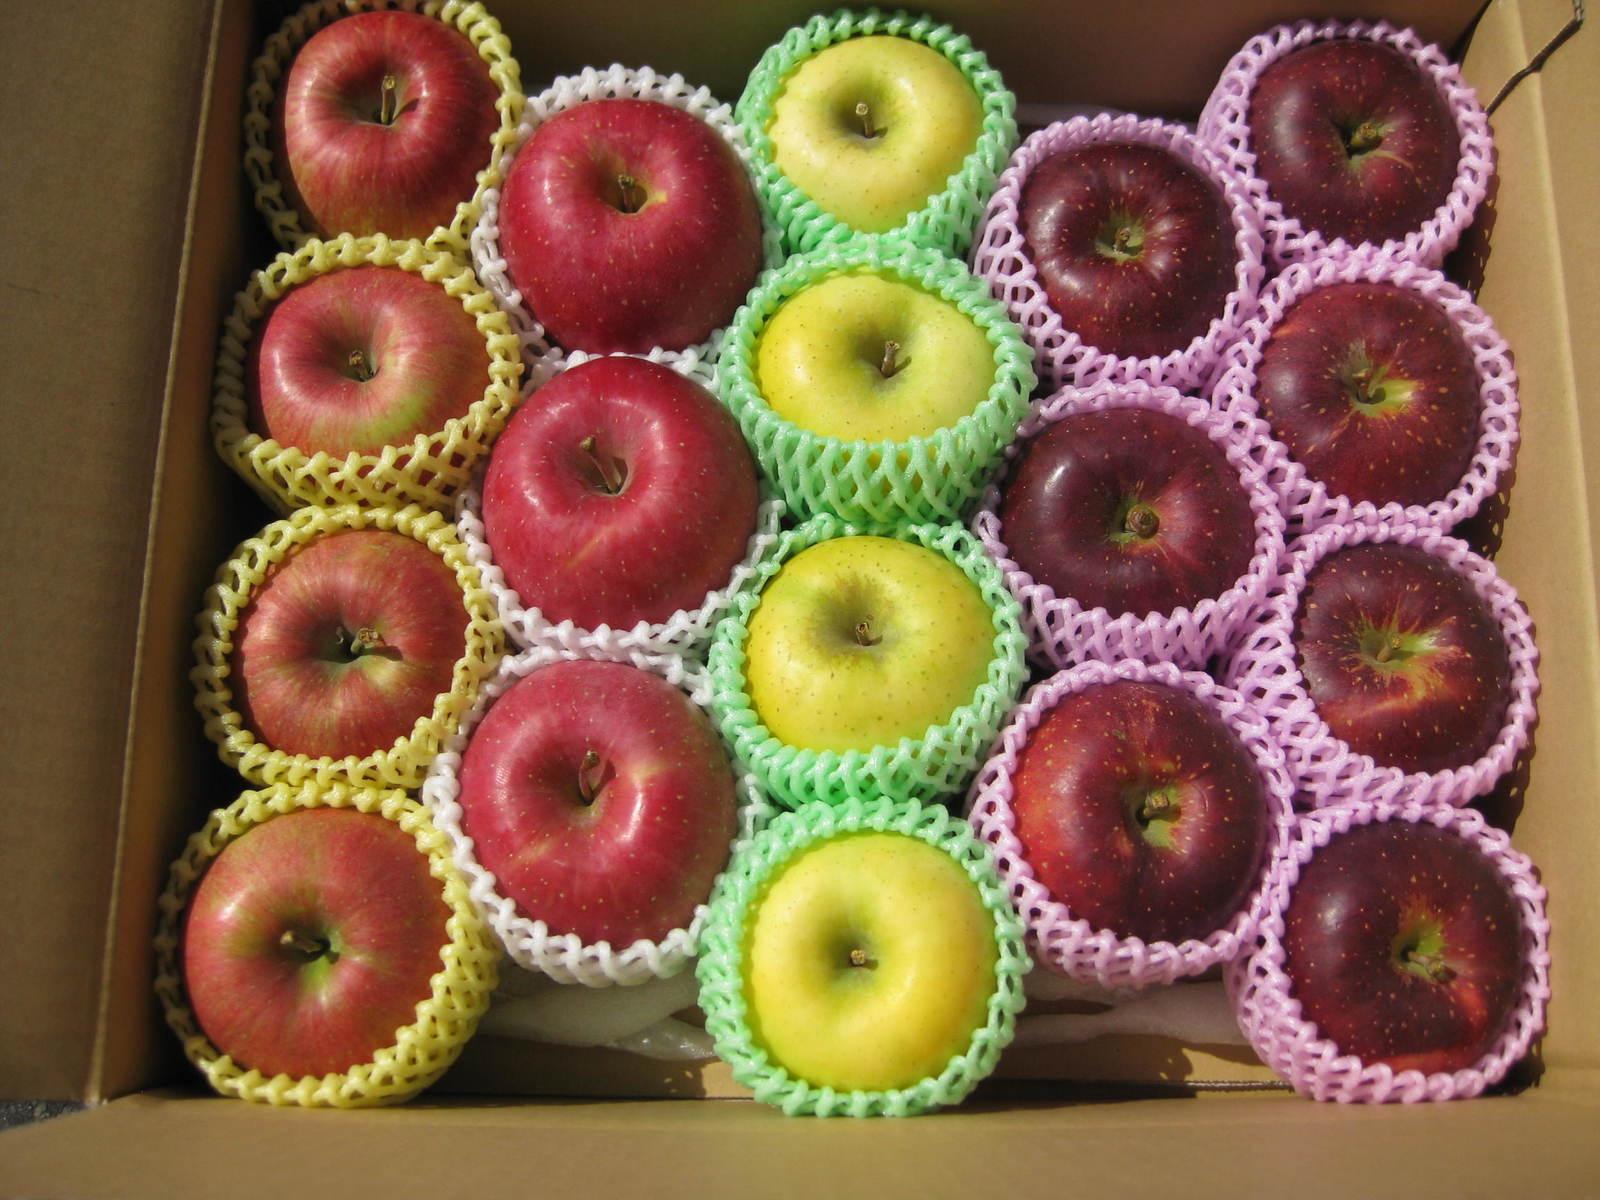 色彩豊かなりんご達の詰め合わせ 園主お勧め旬のりんごの中級ランク お試しパッケージで ギフトにも 少し贅沢な自家用にも最適 敬老の日 母の日 フルーツ 2021年産 園主お勧め2~3品種詰め合わせ 信州産 旬のりんご 品種などは園主お勧めのパッケージ品となります 高品質 掲載画像は一例 ギフト 個数 一部地域は有料 中級ランク約4.5~5kg プレゼント お気にいる 送料無料 イメージ 大きさ です 10~20玉